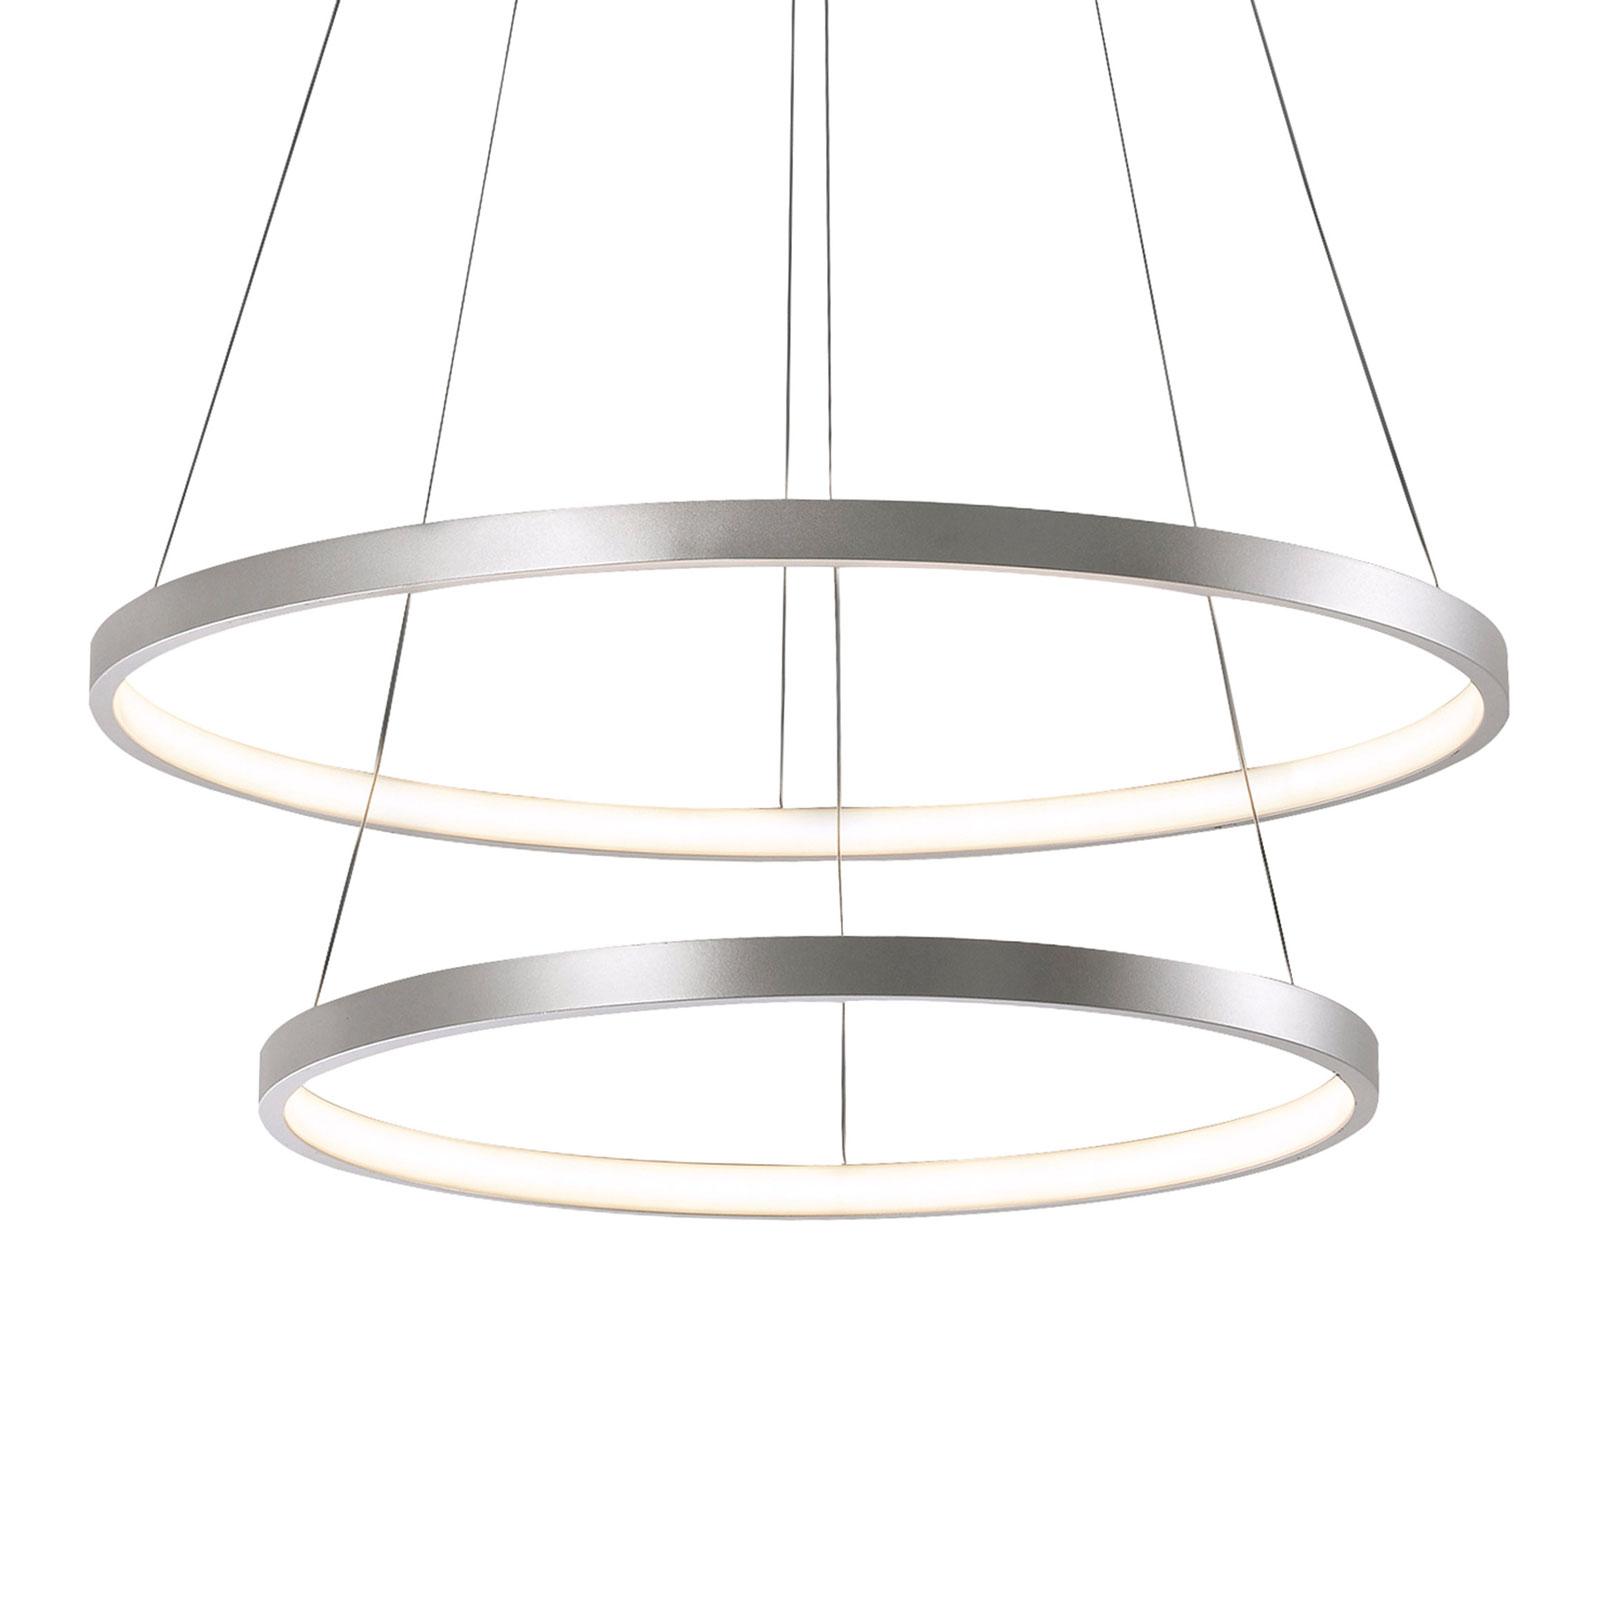 LED-hengelampe Circle sølv, 2 lyskilder